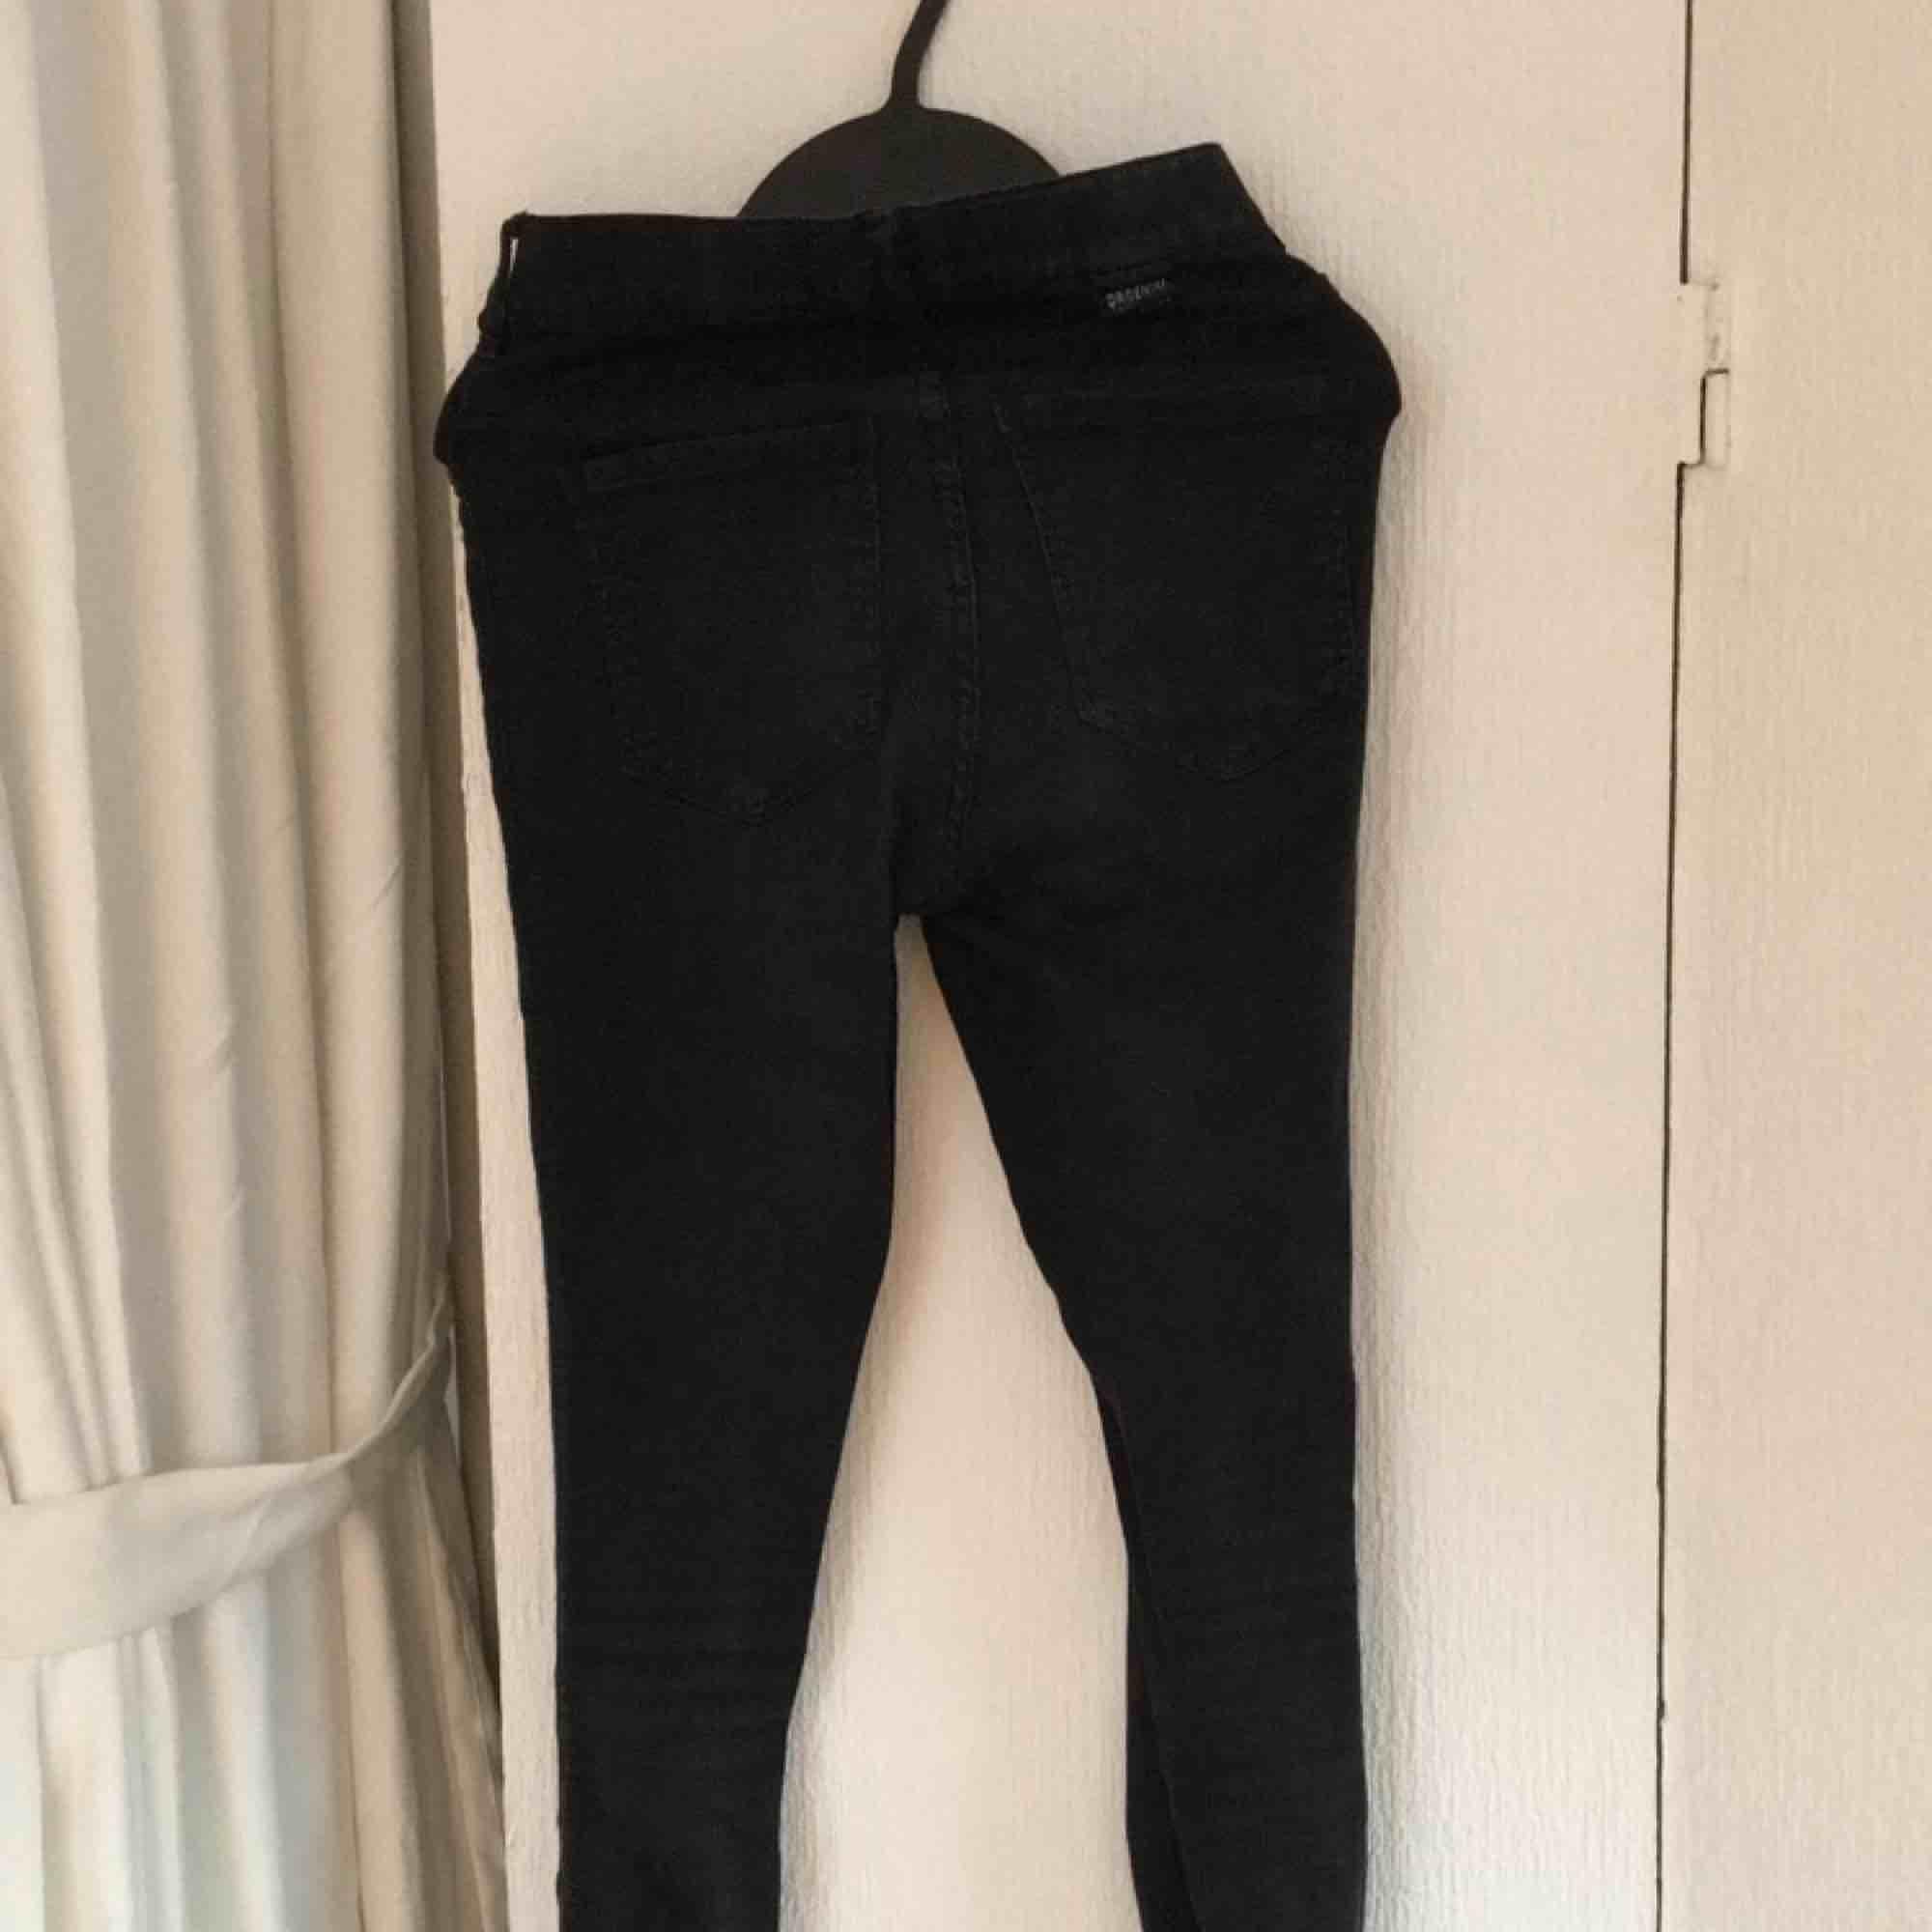 Svarta högmidjade dr. Denim jeans. De är ganska använda så dom har blivit lite urtvättade och en söm på bakfickan har gått sönder (dock enkelt att laga), annars är dom i fint skick. Betalas med swish, 30kr +frakt. Fråga gärna frågor!. Jeans & Byxor.